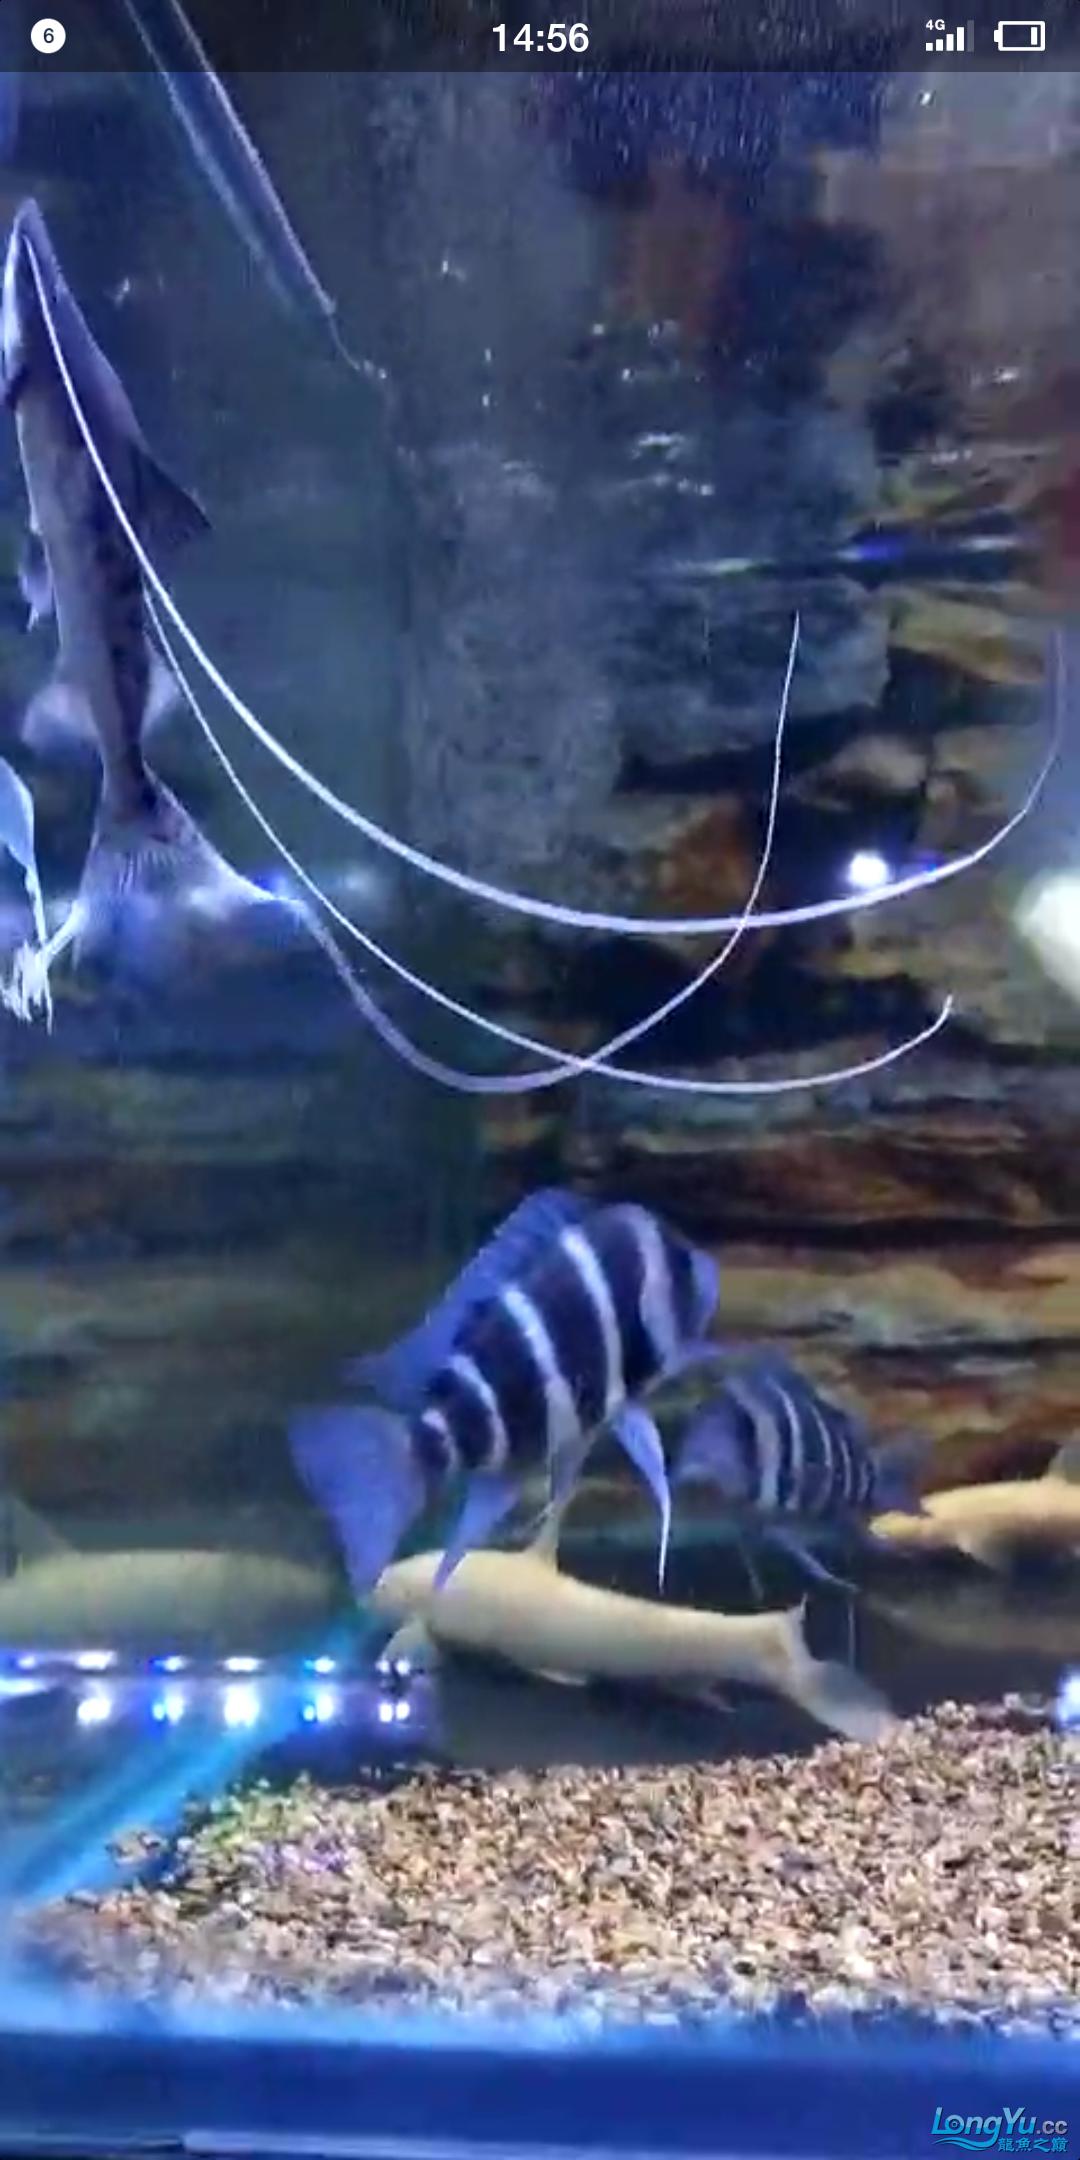 陋缸陋鱼龙鱼 北京观赏鱼 北京龙鱼第2张